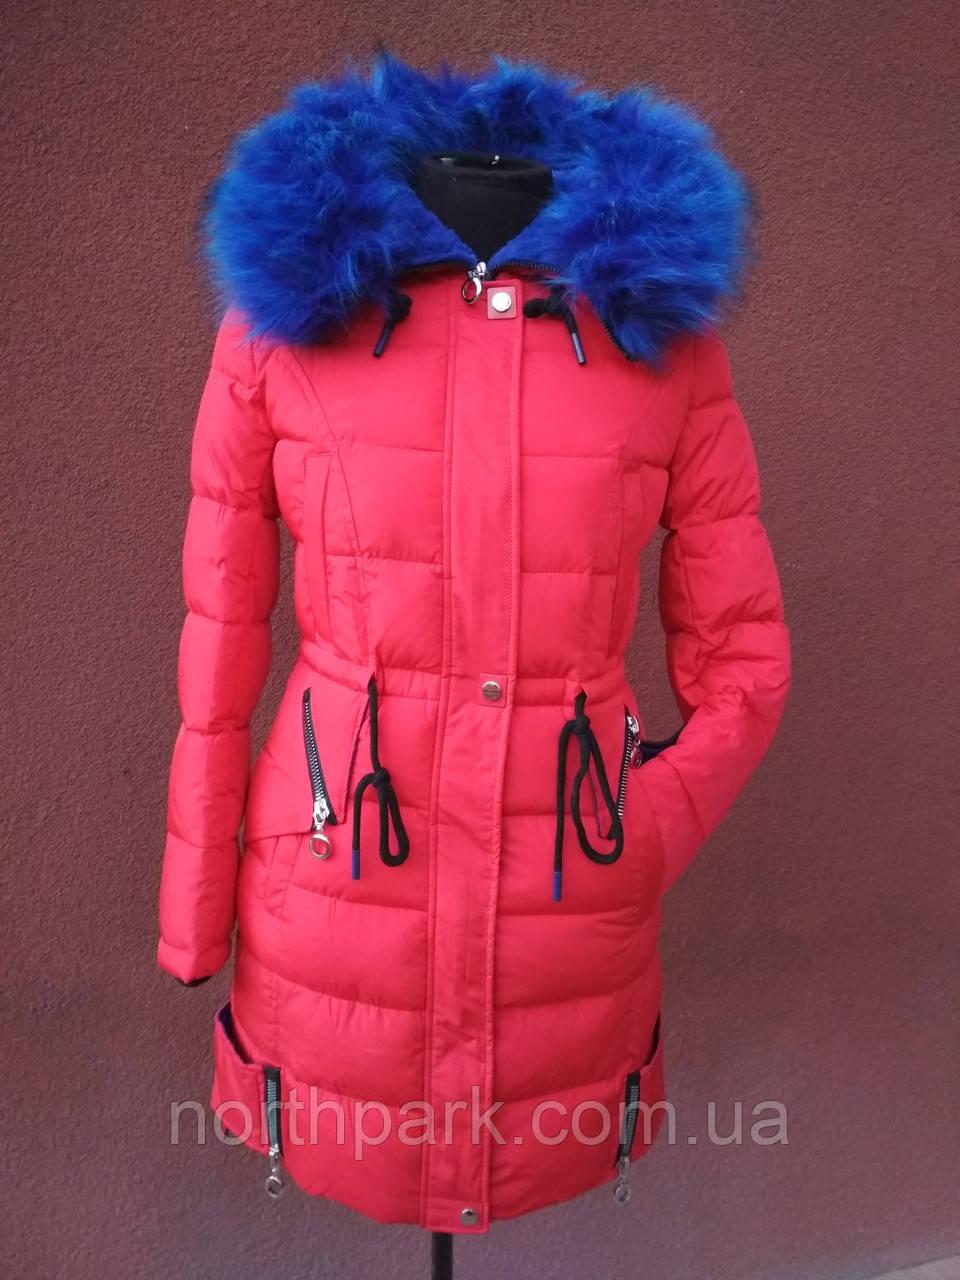 Яскравий молодіжний пуховик - парка Covily 17-16, червоний із синім хутром, розмір XL